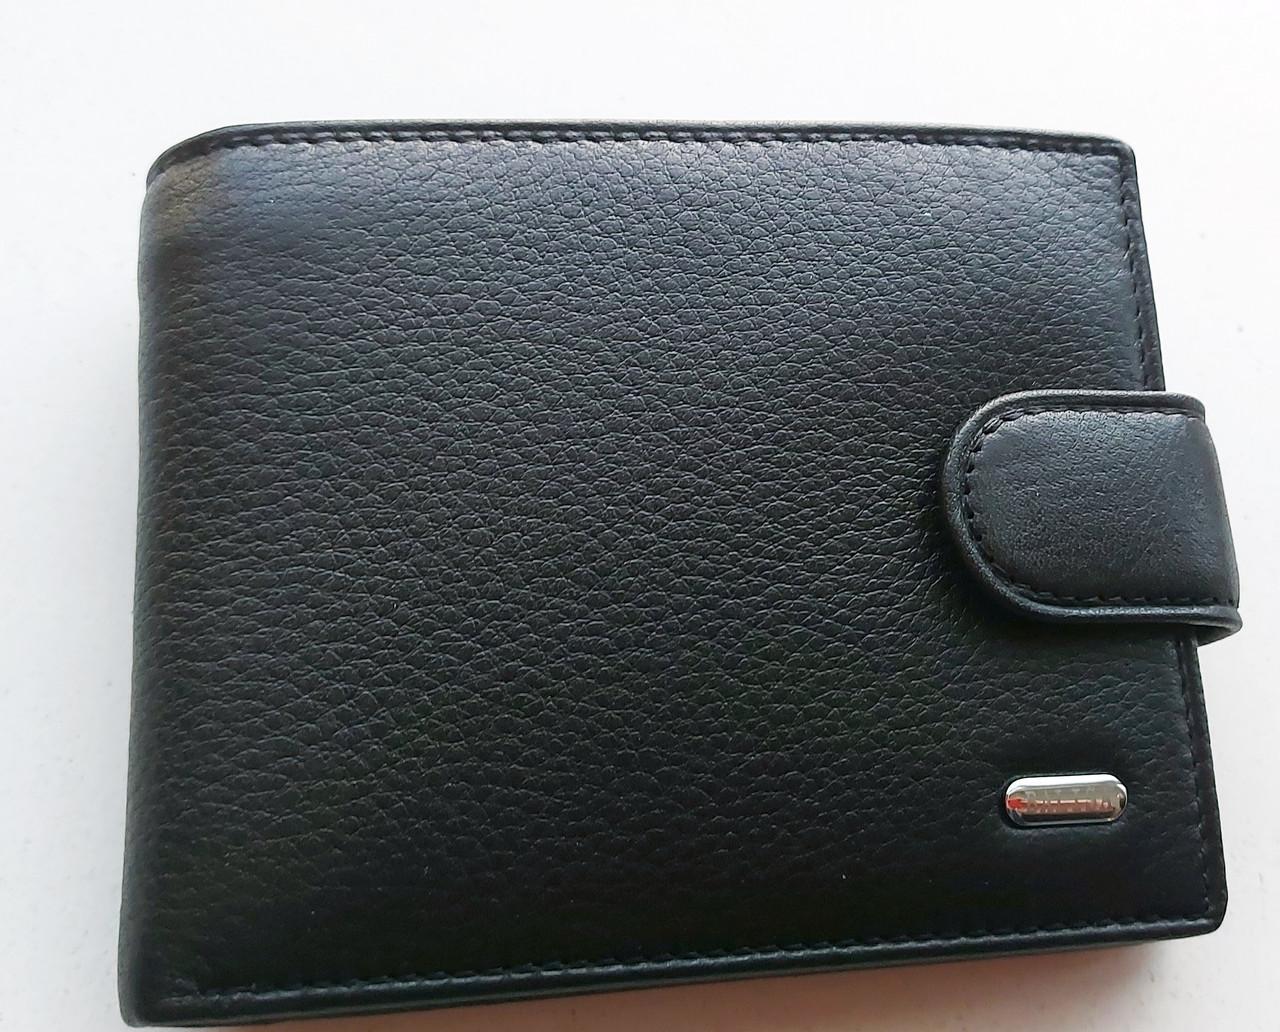 Мужское кожаное портмоне BA 9-24 black, купить мужское портмоне Balisa недорого в Украине